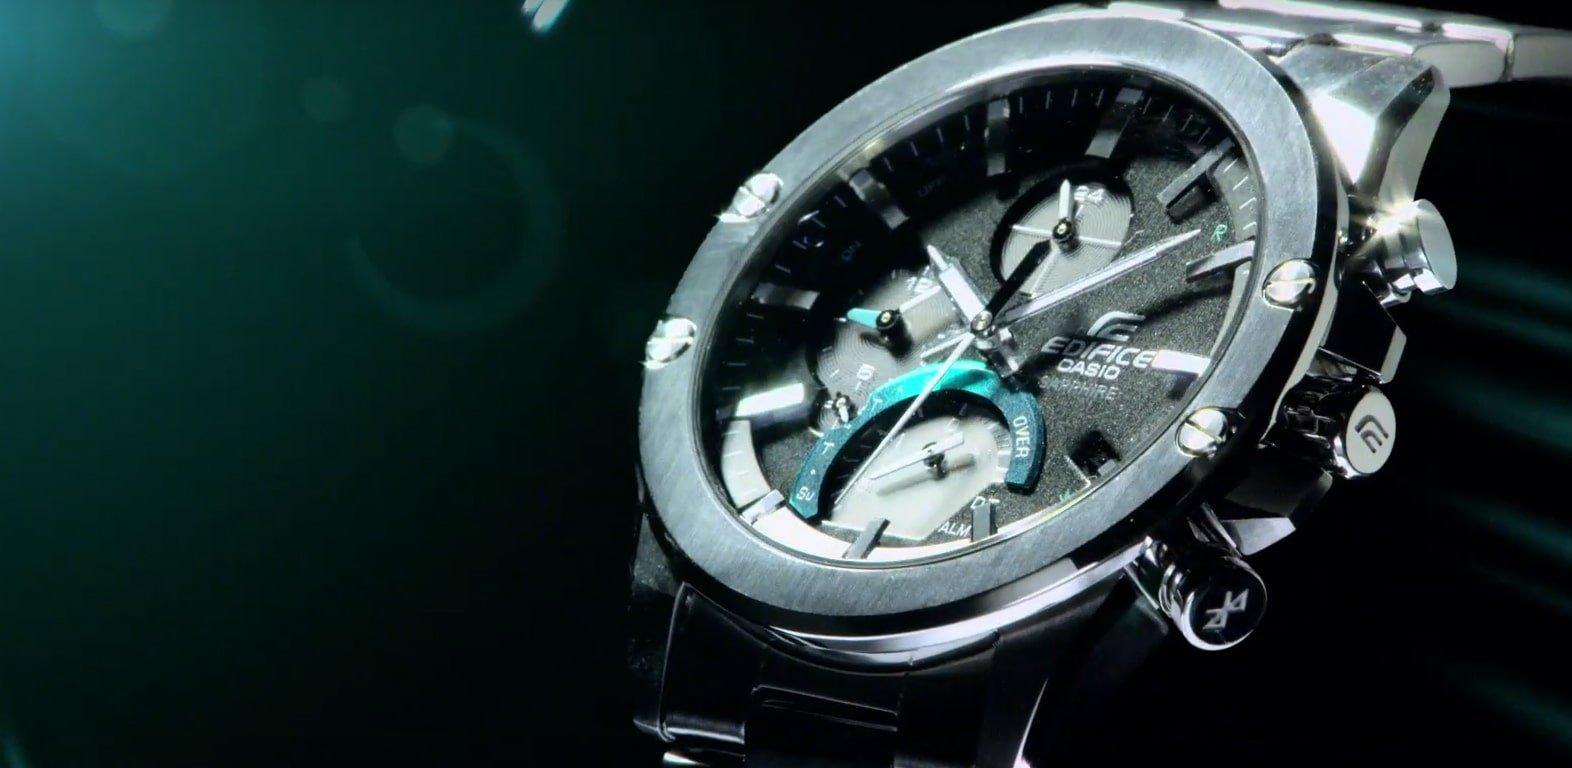 W zegarku Edifice znajduję się szafirowe szkło, które posiada 9/10 punktów w skali Mohsa, nie podda się zarysowaniom.